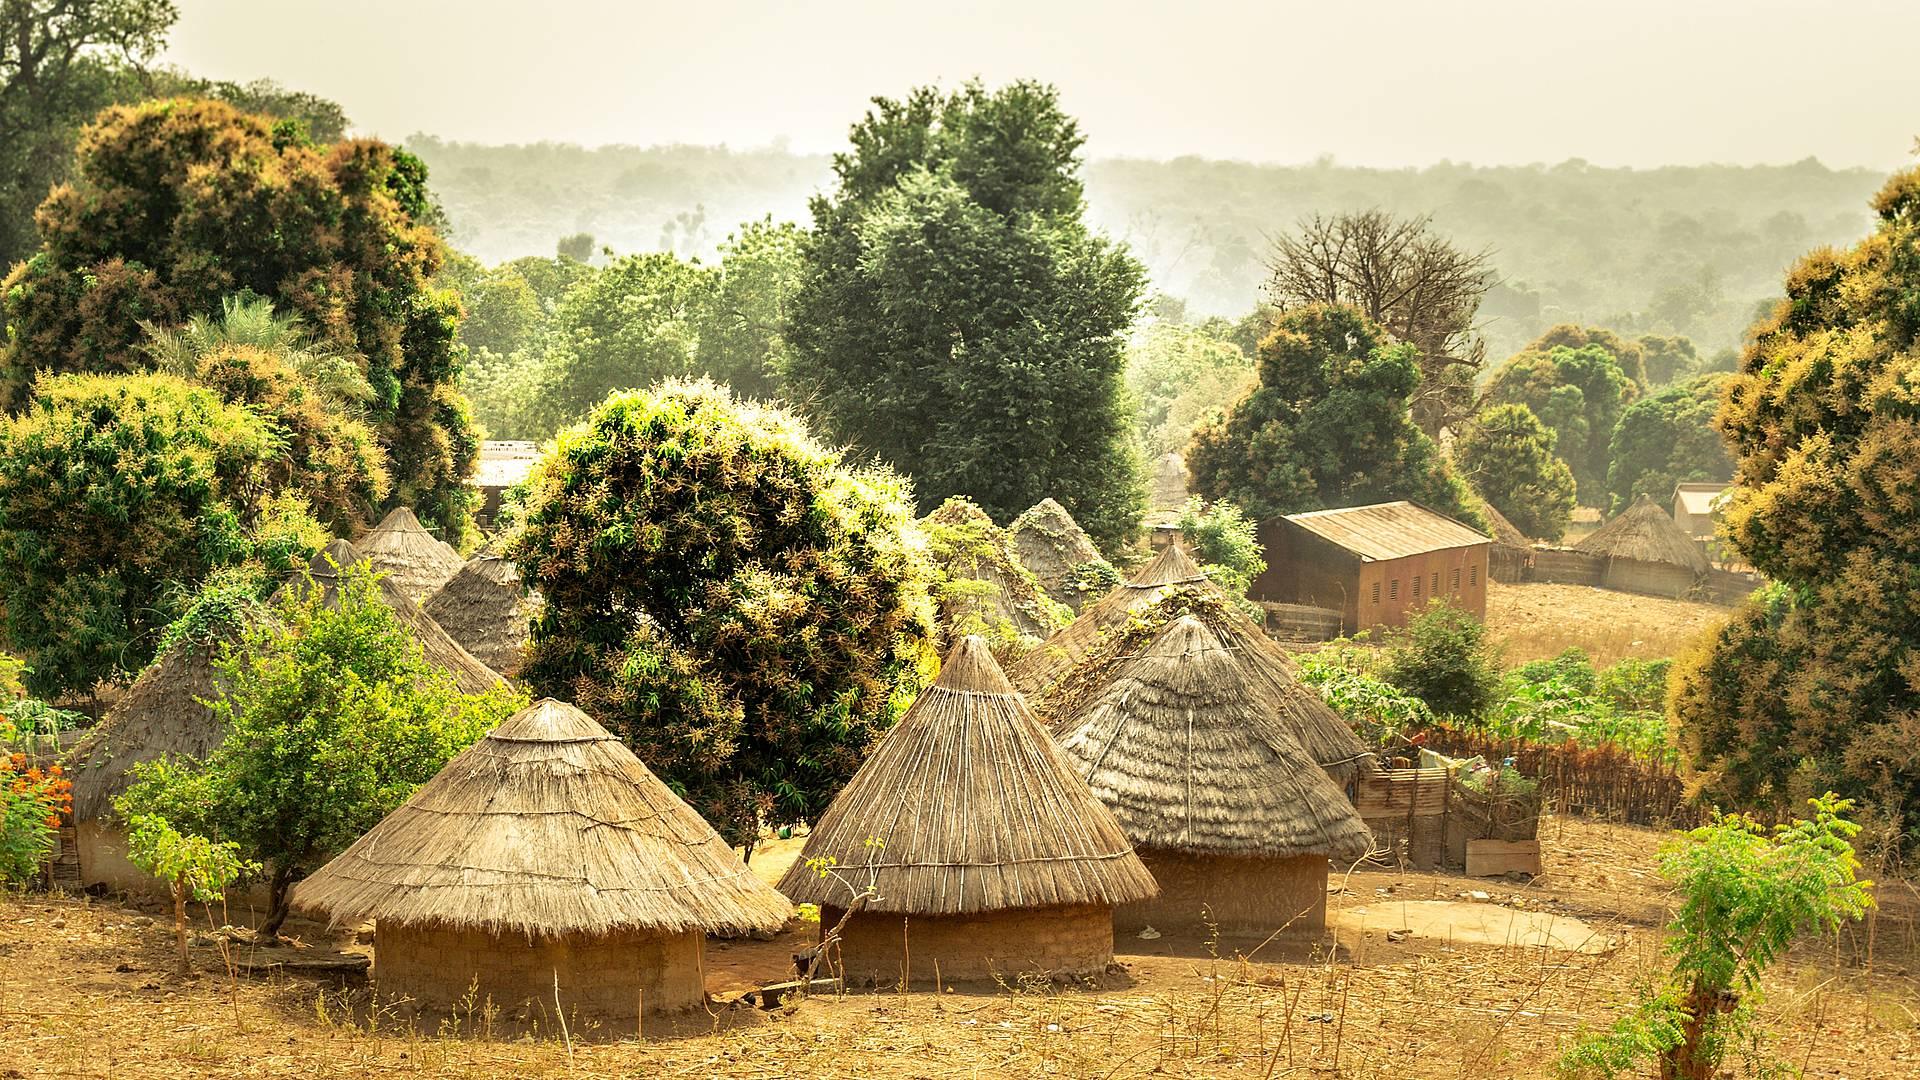 Kulturelle Vielfalt und landestypische Unterkünfte in der Casamance